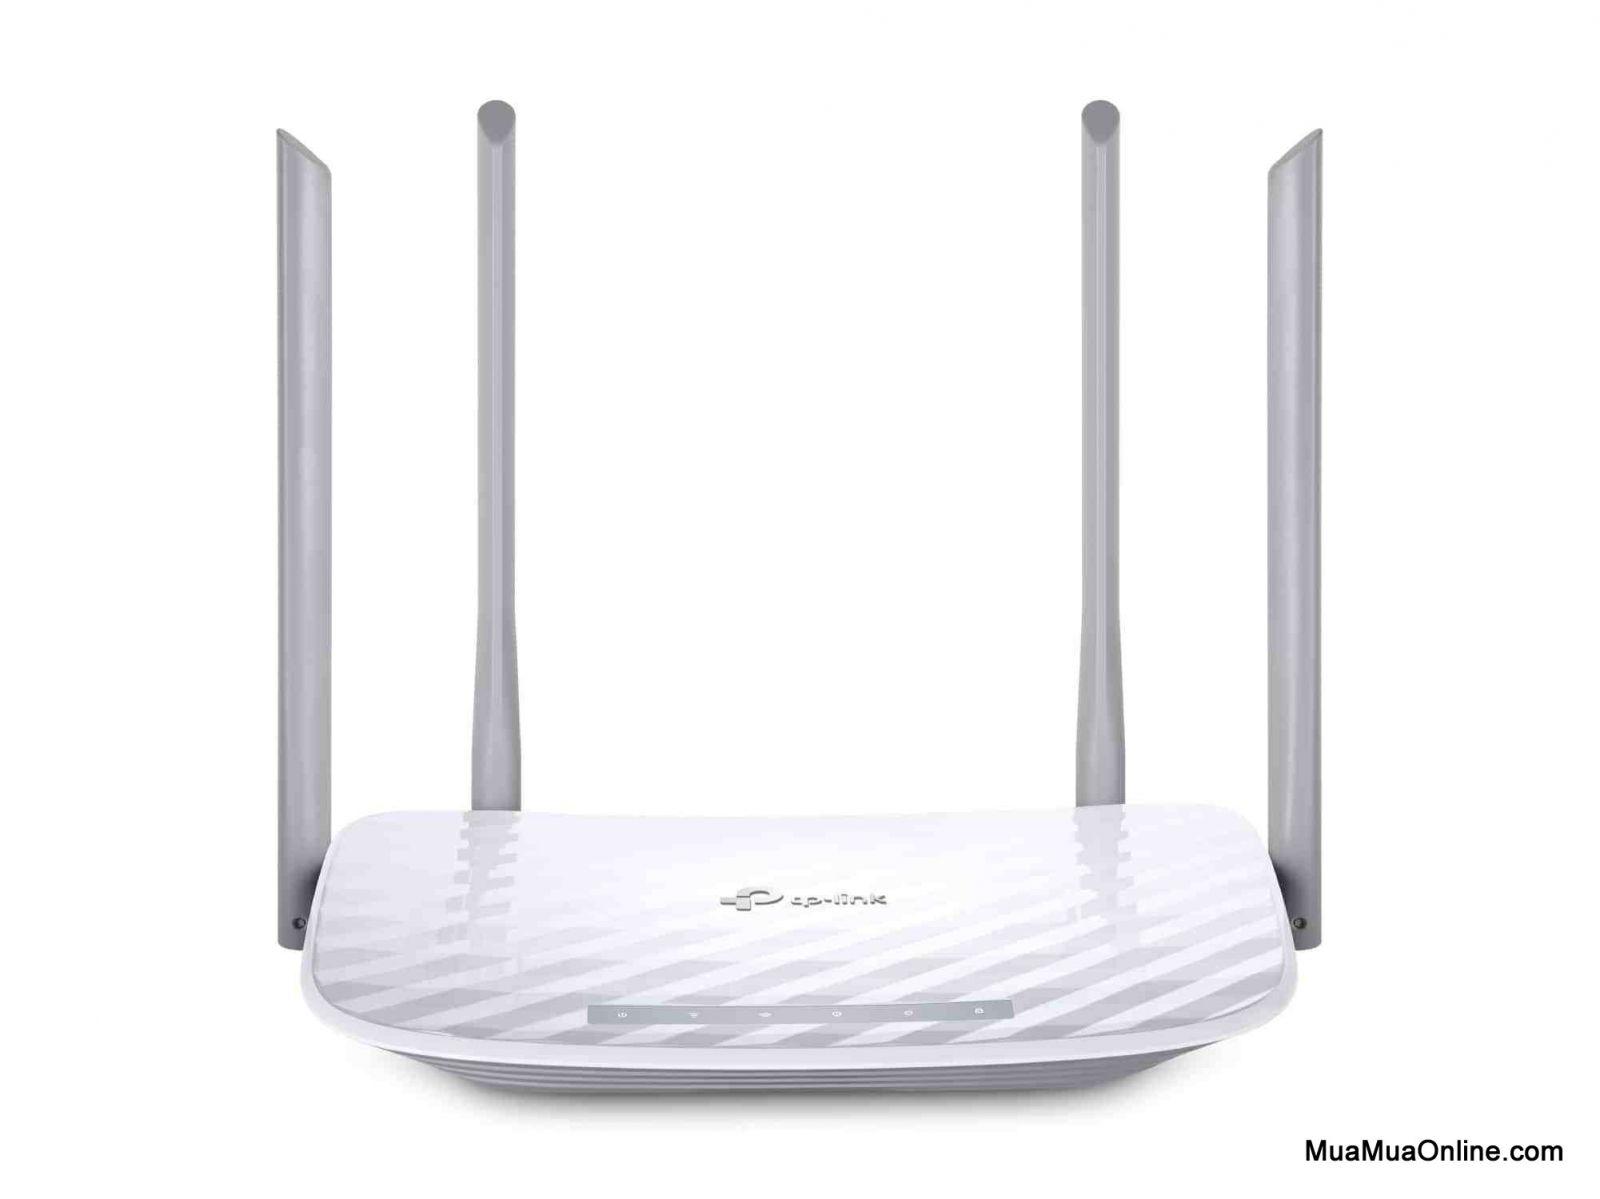 Bộ Phát Wifi Chuẩn Ac1200 Tp-Link C50 Băng Tầng Kép